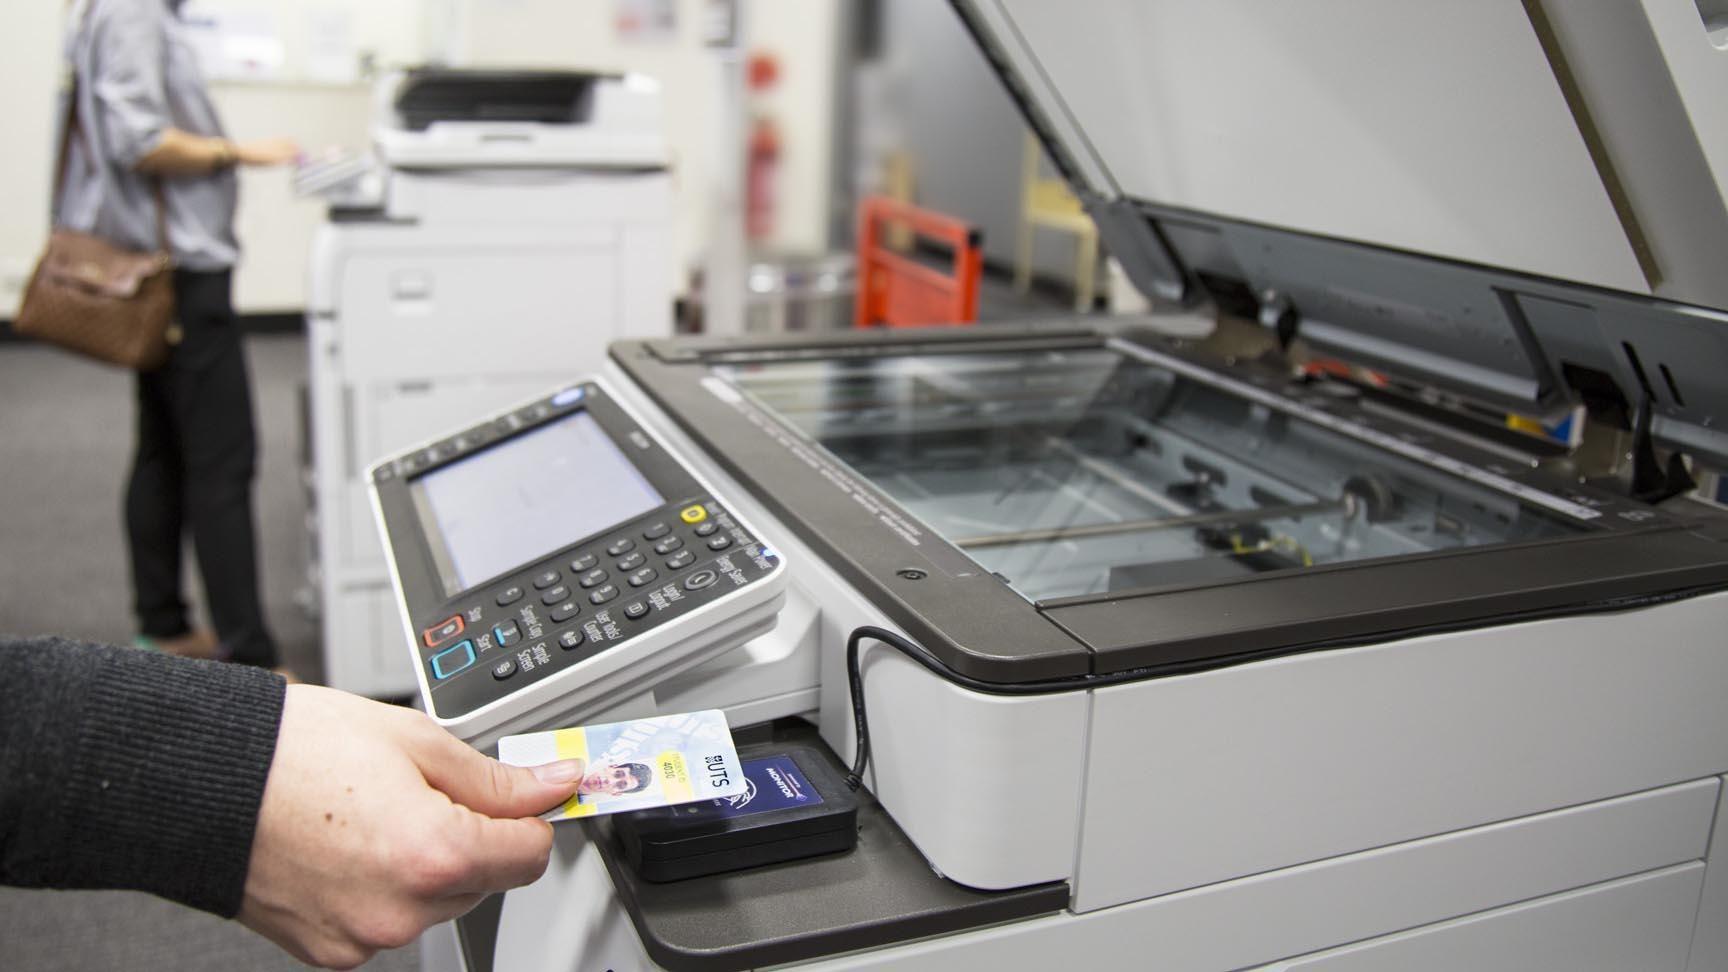 Đánh giá của khách hàng về cho thuê máy in photocopy scan giá rẻ tại quận 4